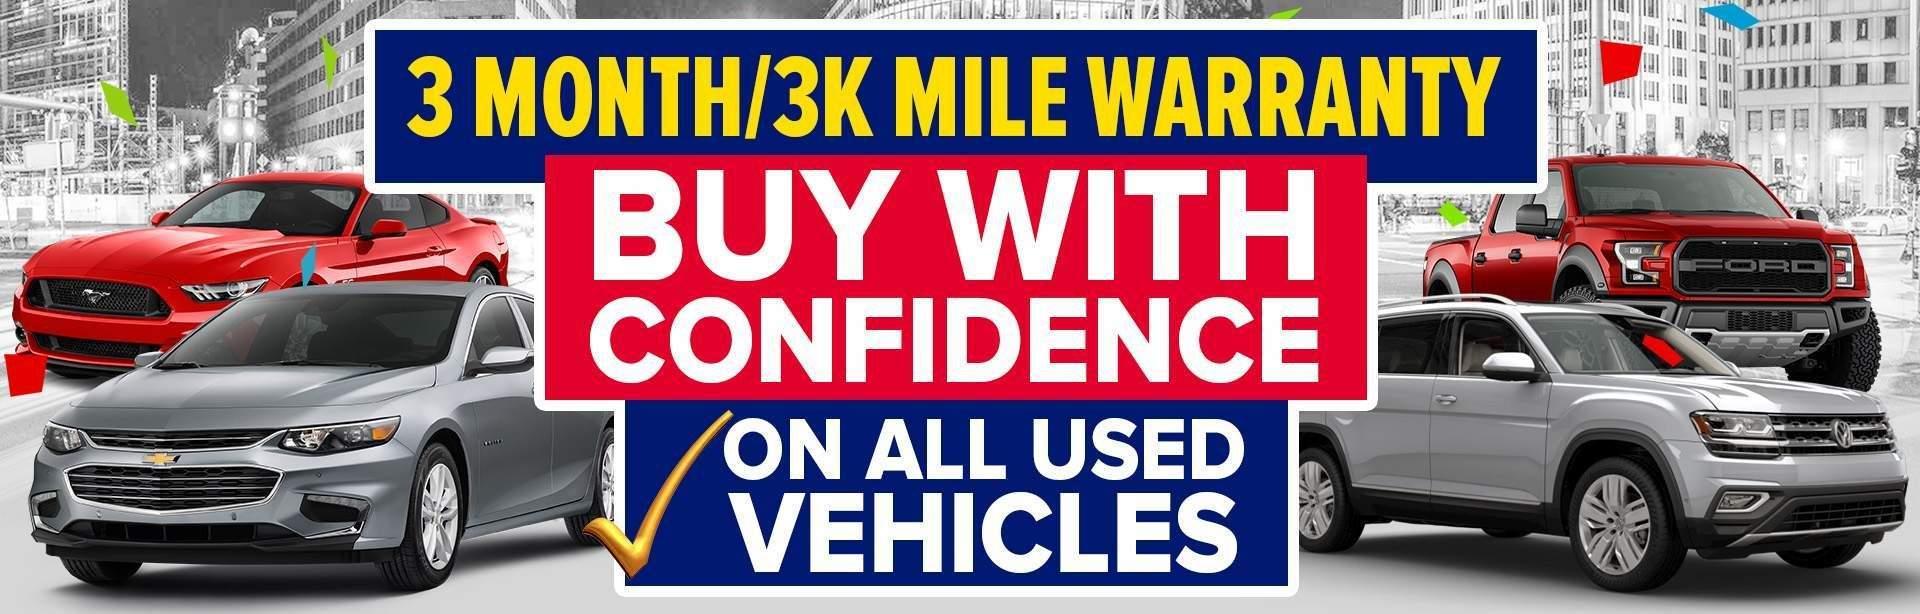 Premium Auto Sales - Used Cars - Sacramento CA Dealer